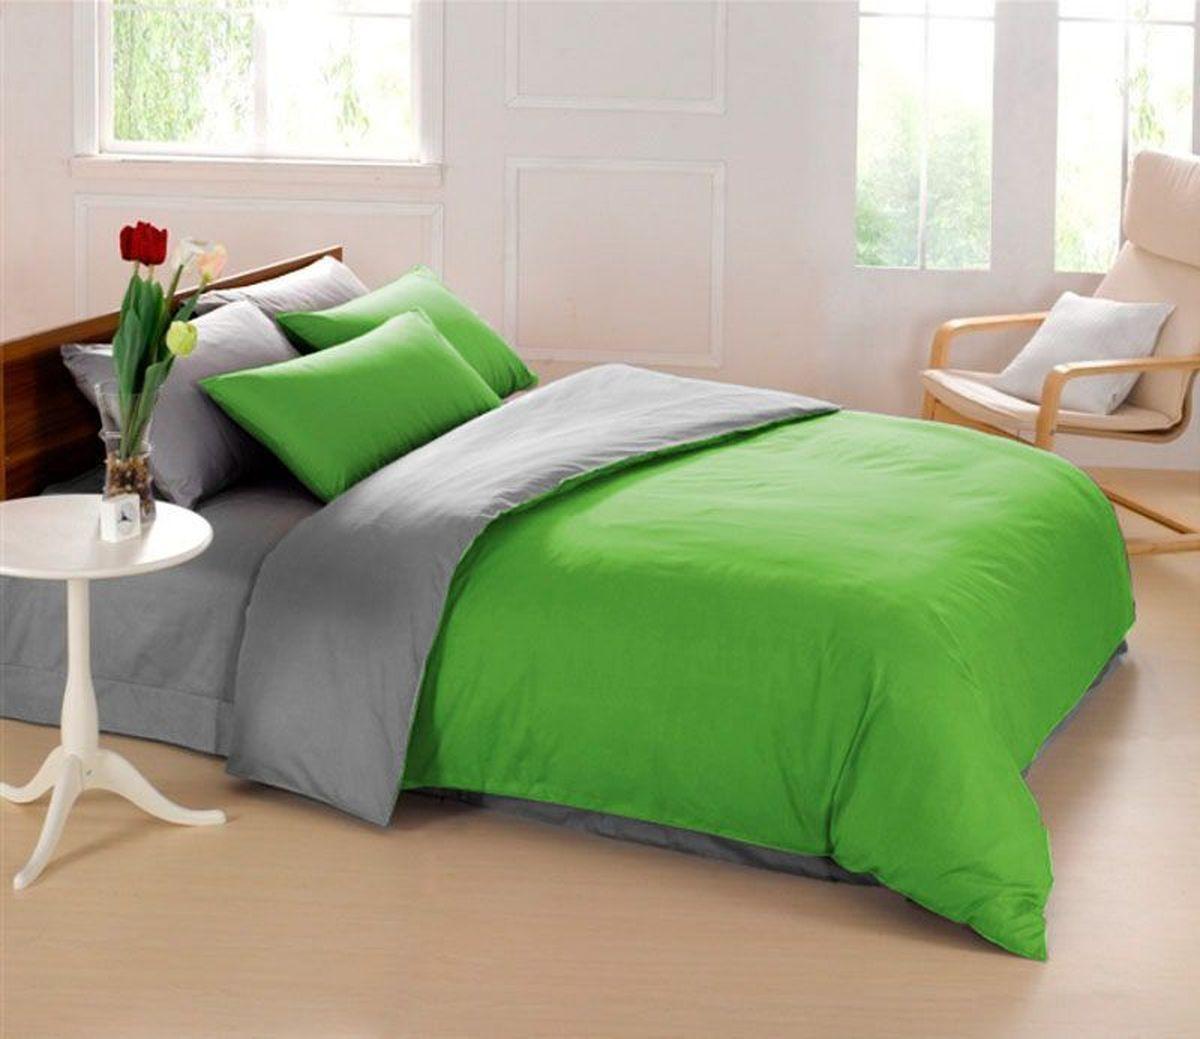 Постельное белье Sleep iX Perfection, семейный, цвет: зеленый, серыйpva215435Известно, что цвет напрямую воздействует на психологическое и физическое состояние человека. Специально для наших покупателей мы внесли описание воздействия каждого цвета в комплекты постельного белья Perfection. Зеленый - успокаивающий, нейтральный, мягкий цвет. Нормализует деятельность сердечно-сосудистой системы, успокаивает сильное сердцебиение, стабилизирует артериальное давление и функции нервной системы. Серый – нейтральный цвет. Расслабляет, помогает успокоиться и способствует здоровому сну. Усиливает воздействие соседствующих цветов. Производитель: Sleep iX Материал: Микрофреш (100 г/м2) Состав материала: 100% микрофибра Размер: Семейное (2 пододеял.) Размер пододеяльника: 150х220 см Тип застежки на пододеяльнике: Молния (100 см) Размер простыни: 220х240 (обычная) Размер наволочек: 50х70 и 70х70 (по 2 шт) Тип застежки на наволочках: Клапан (20 см) Упаковка комплекта: Подарочная Коробка Cтрана производства: Китай Расположение...